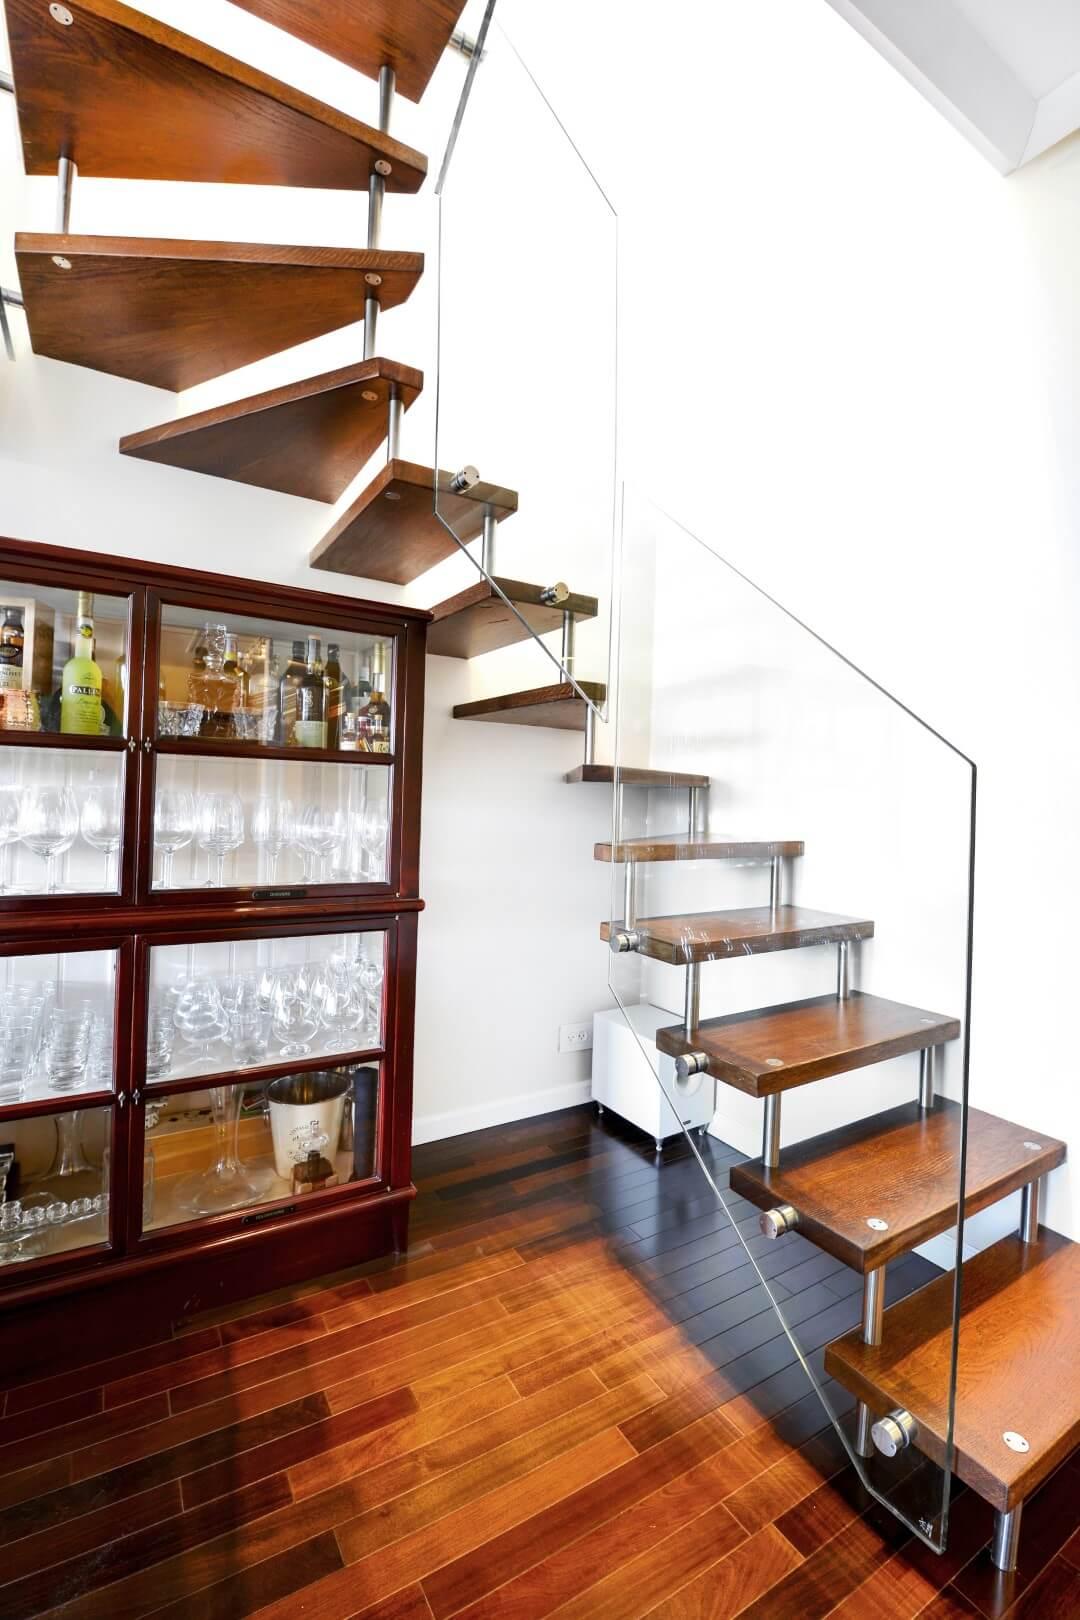 מדרגות צפות עם מדרכי עץ אלון בגווני זהב עמוק וכתם גס בלווי מעקה זכוכית על רקע רצפת פרקע בגוונים תואמים